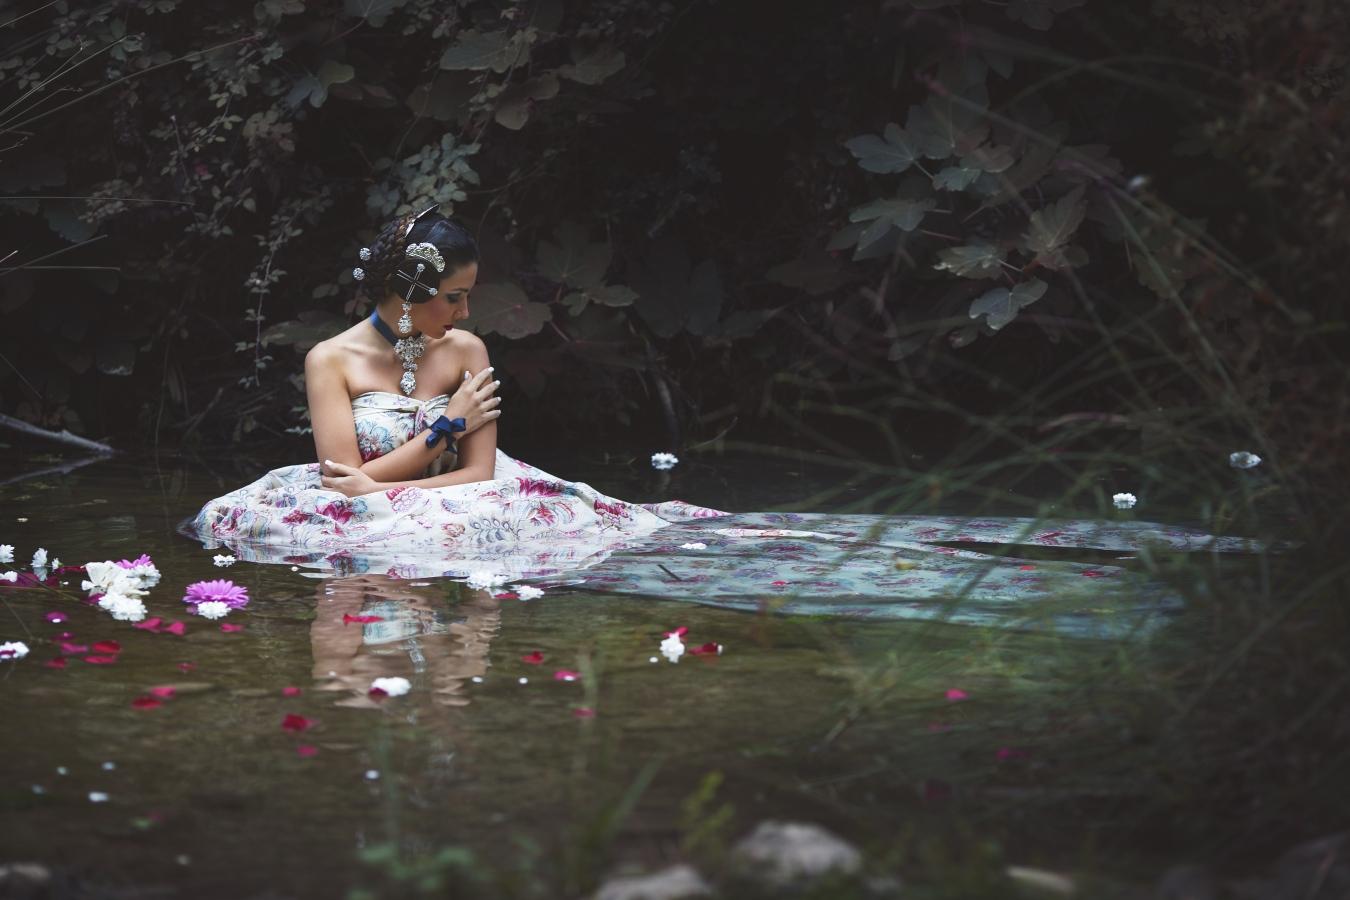 Falleras - Sesiones de fotografía artística de falleras